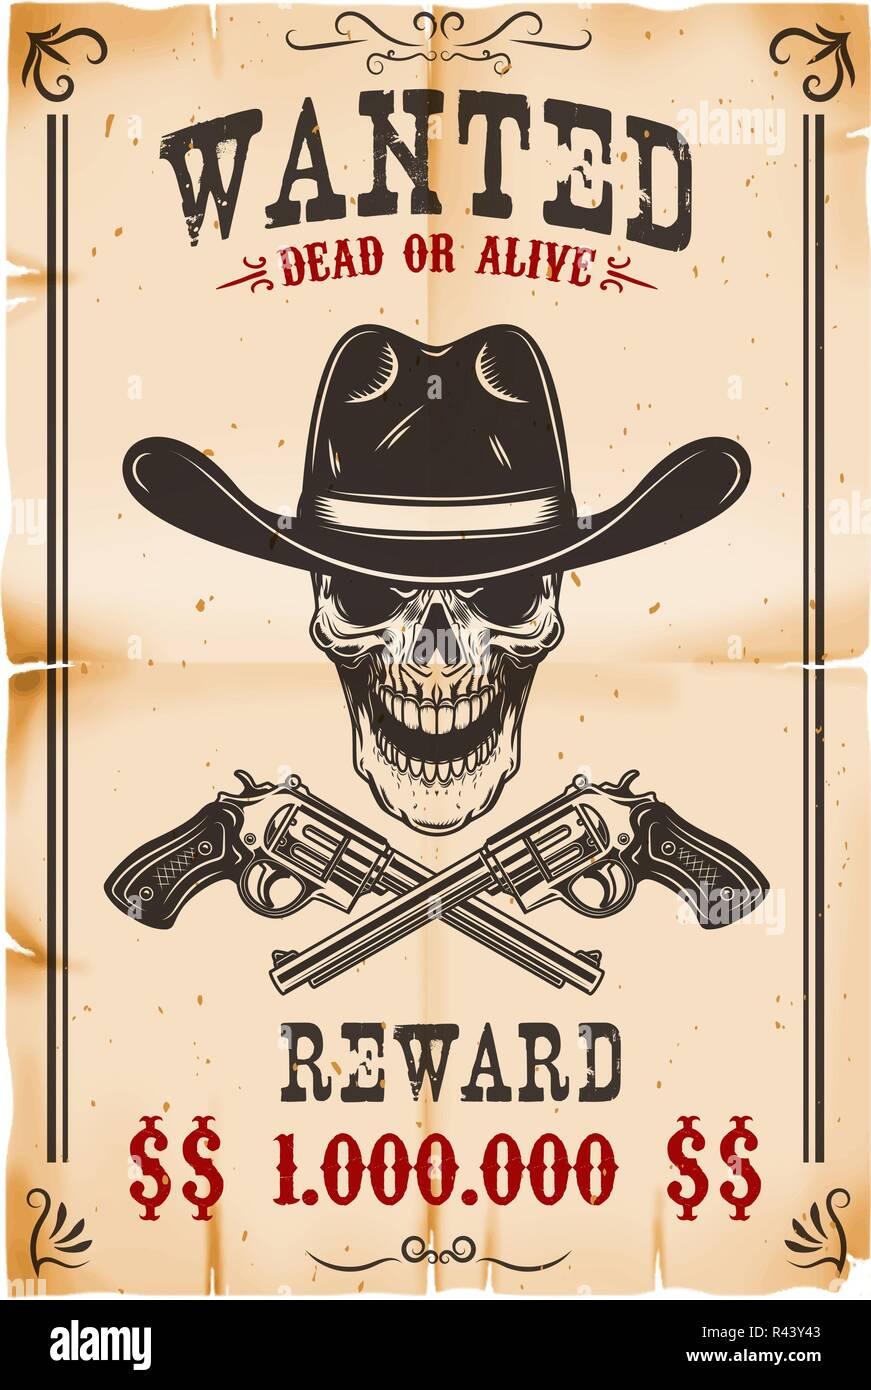 Avis De Recherche Modle Crne Cowboy Avec Travers Revolvers Llment Conception Pour Poster Carte Tiquette Panneau Visite Bannire